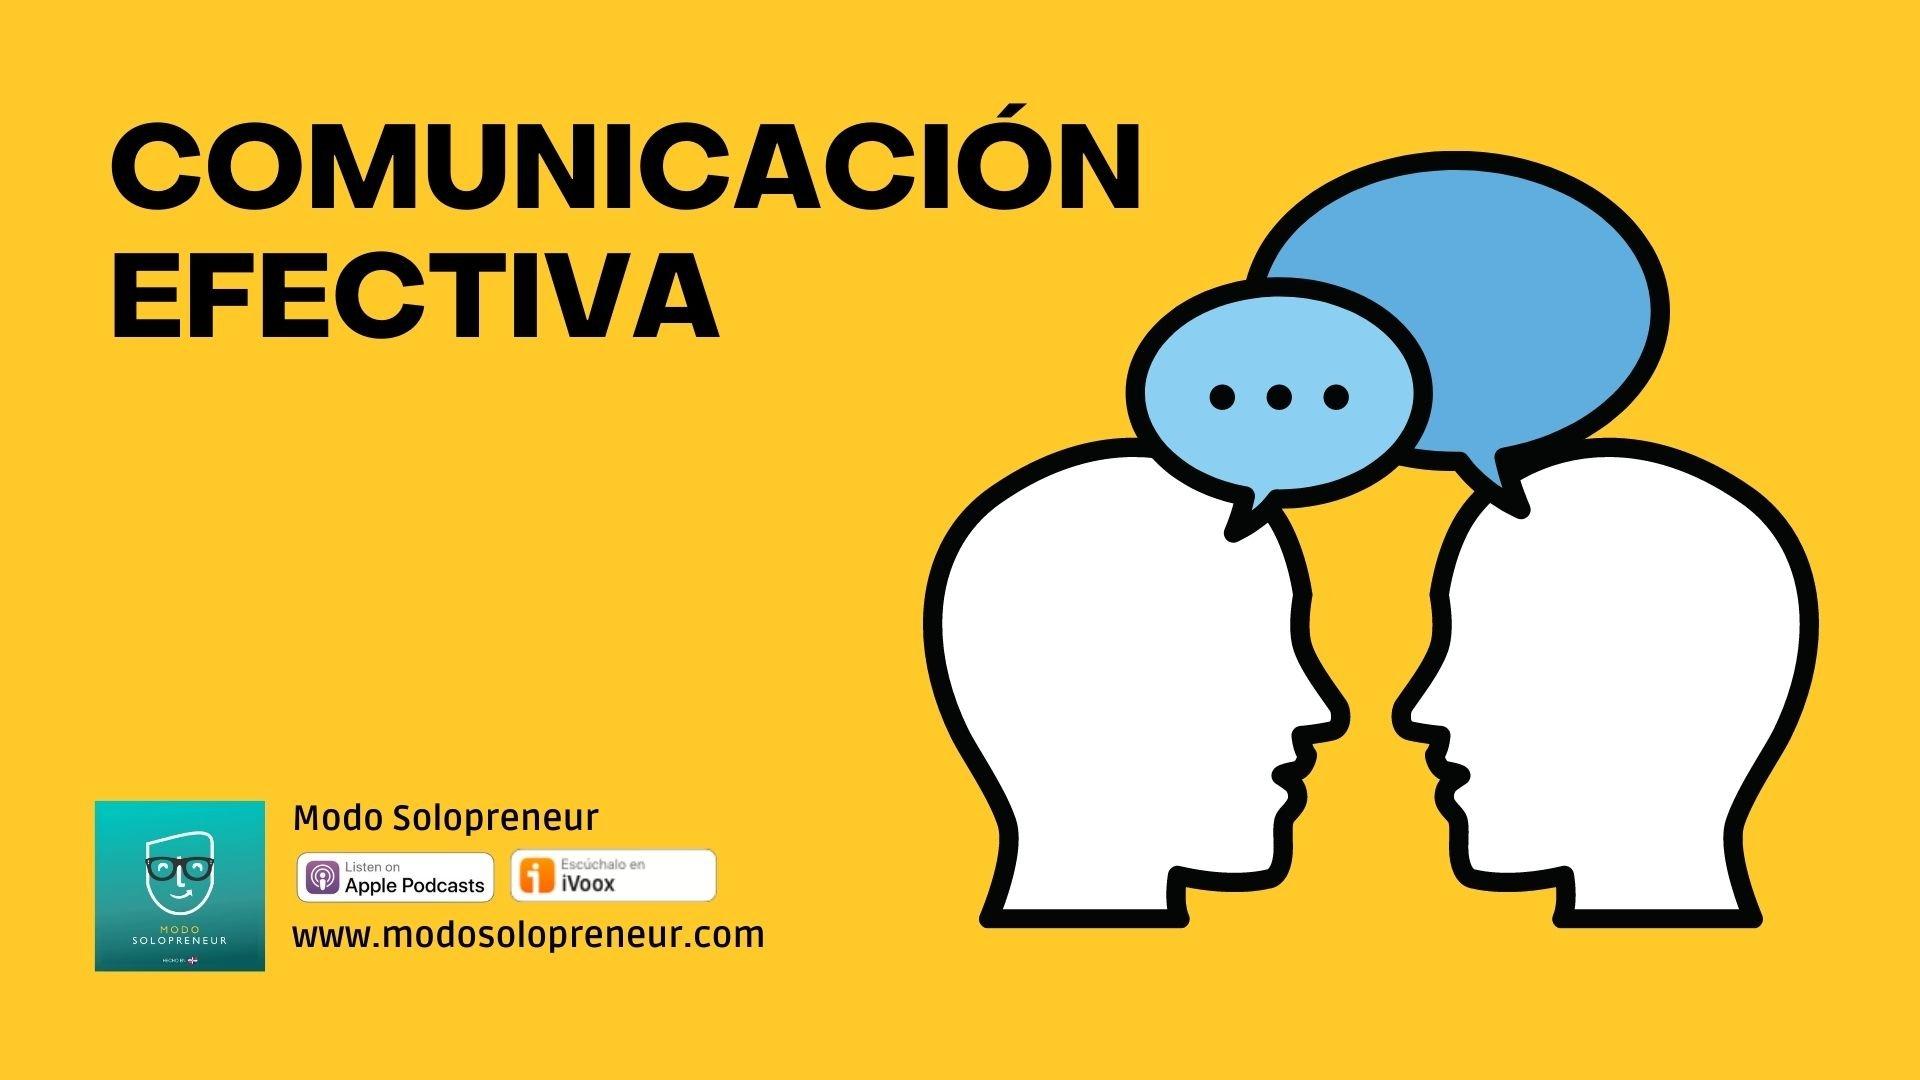 La habilidad que todo solopreneur debe cultivar: Comunicación efectiva